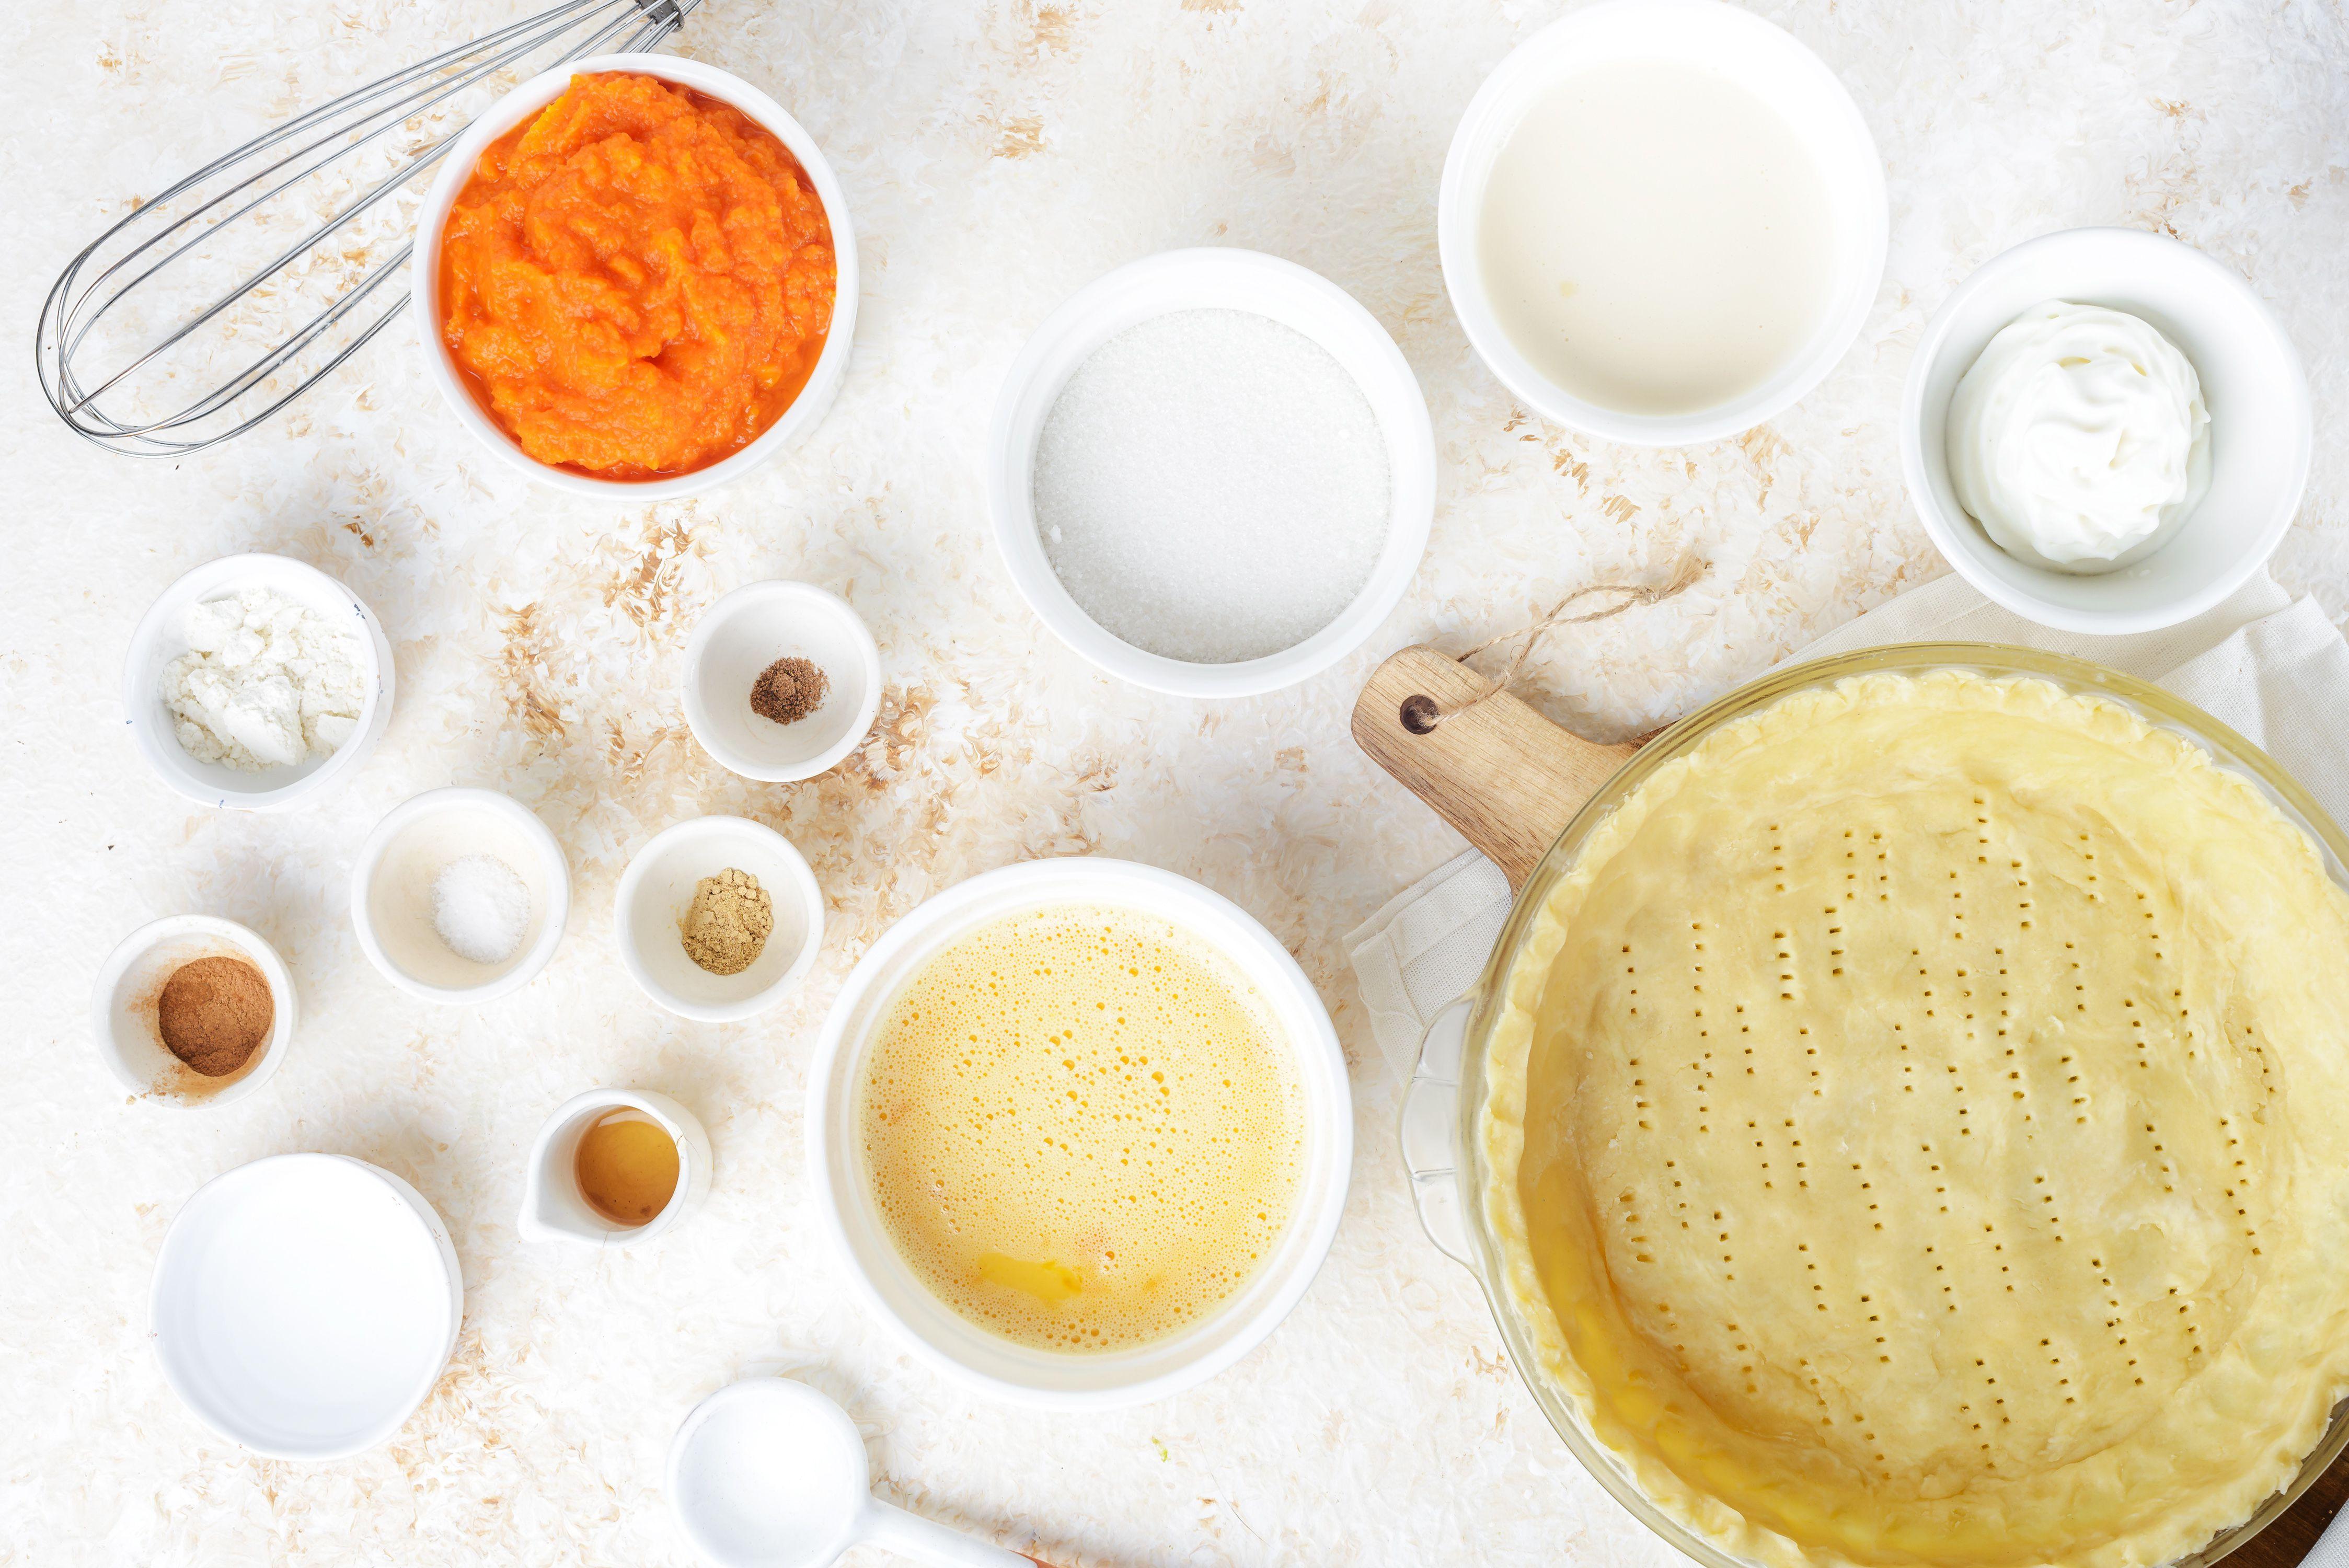 Ingredients for autumn pumpkin pie